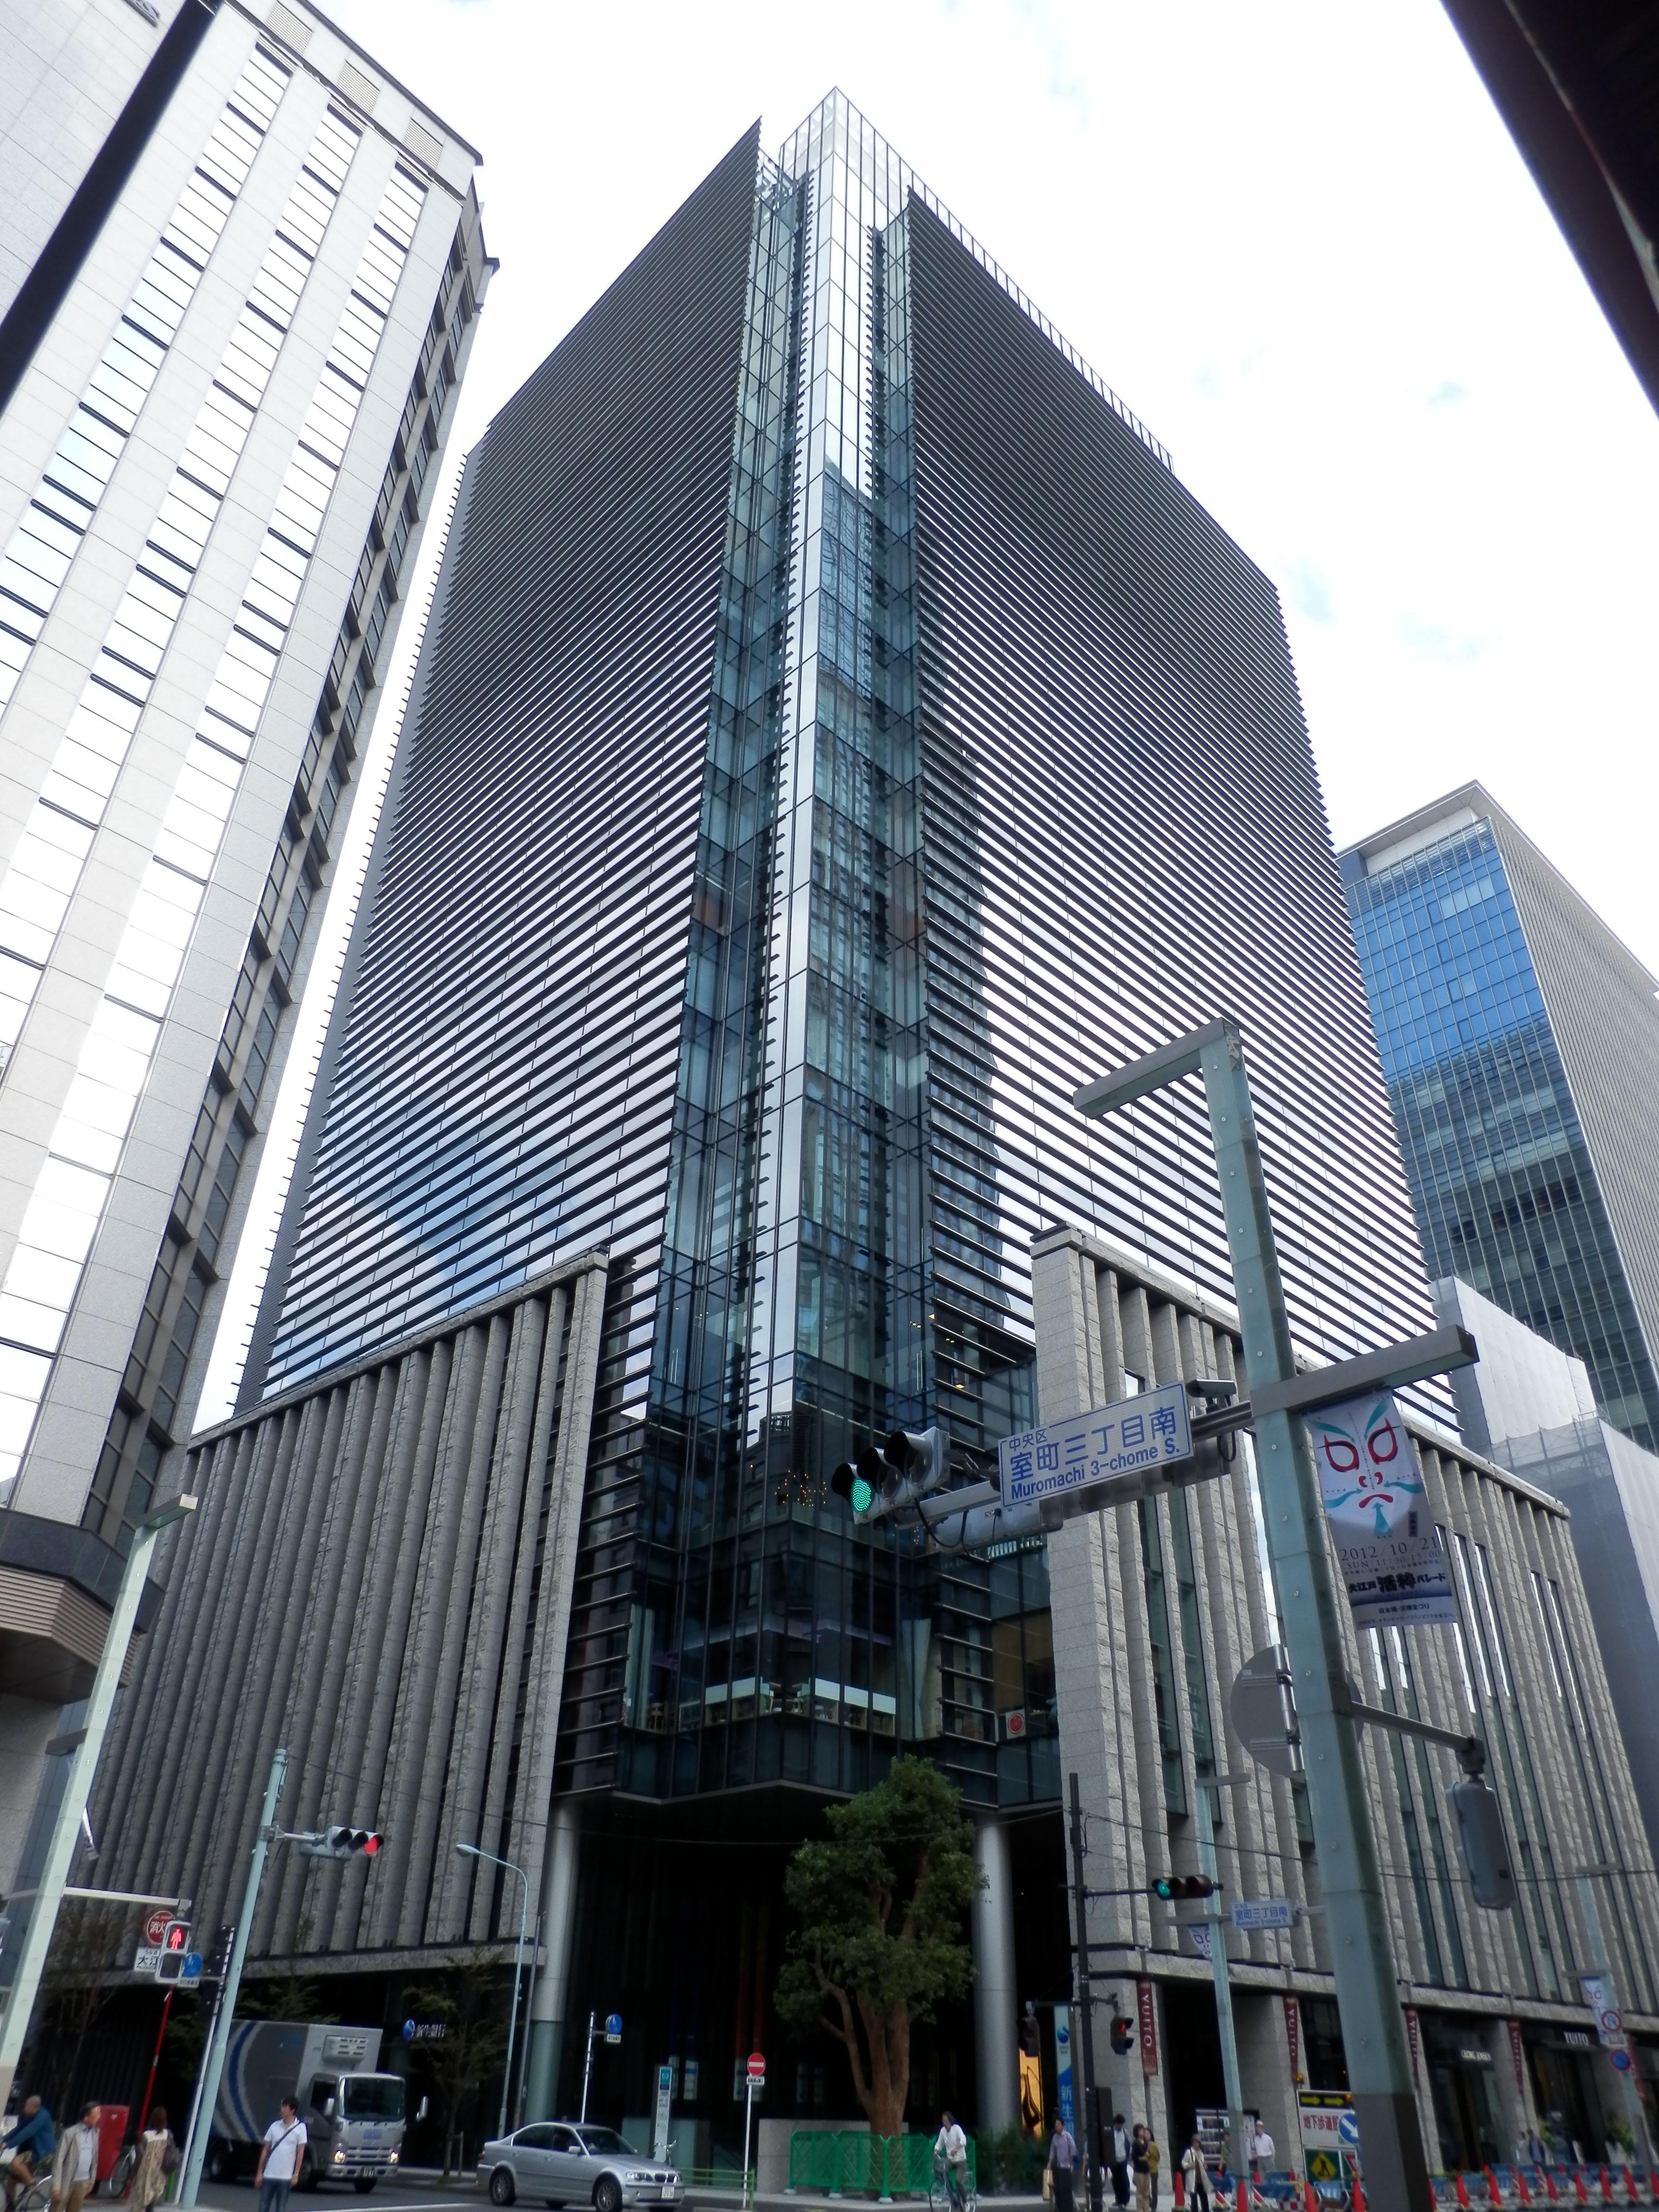 銀行 信託 ステート ストリート 信託銀行とは?仕事の内容や就職ランキングをチェック!